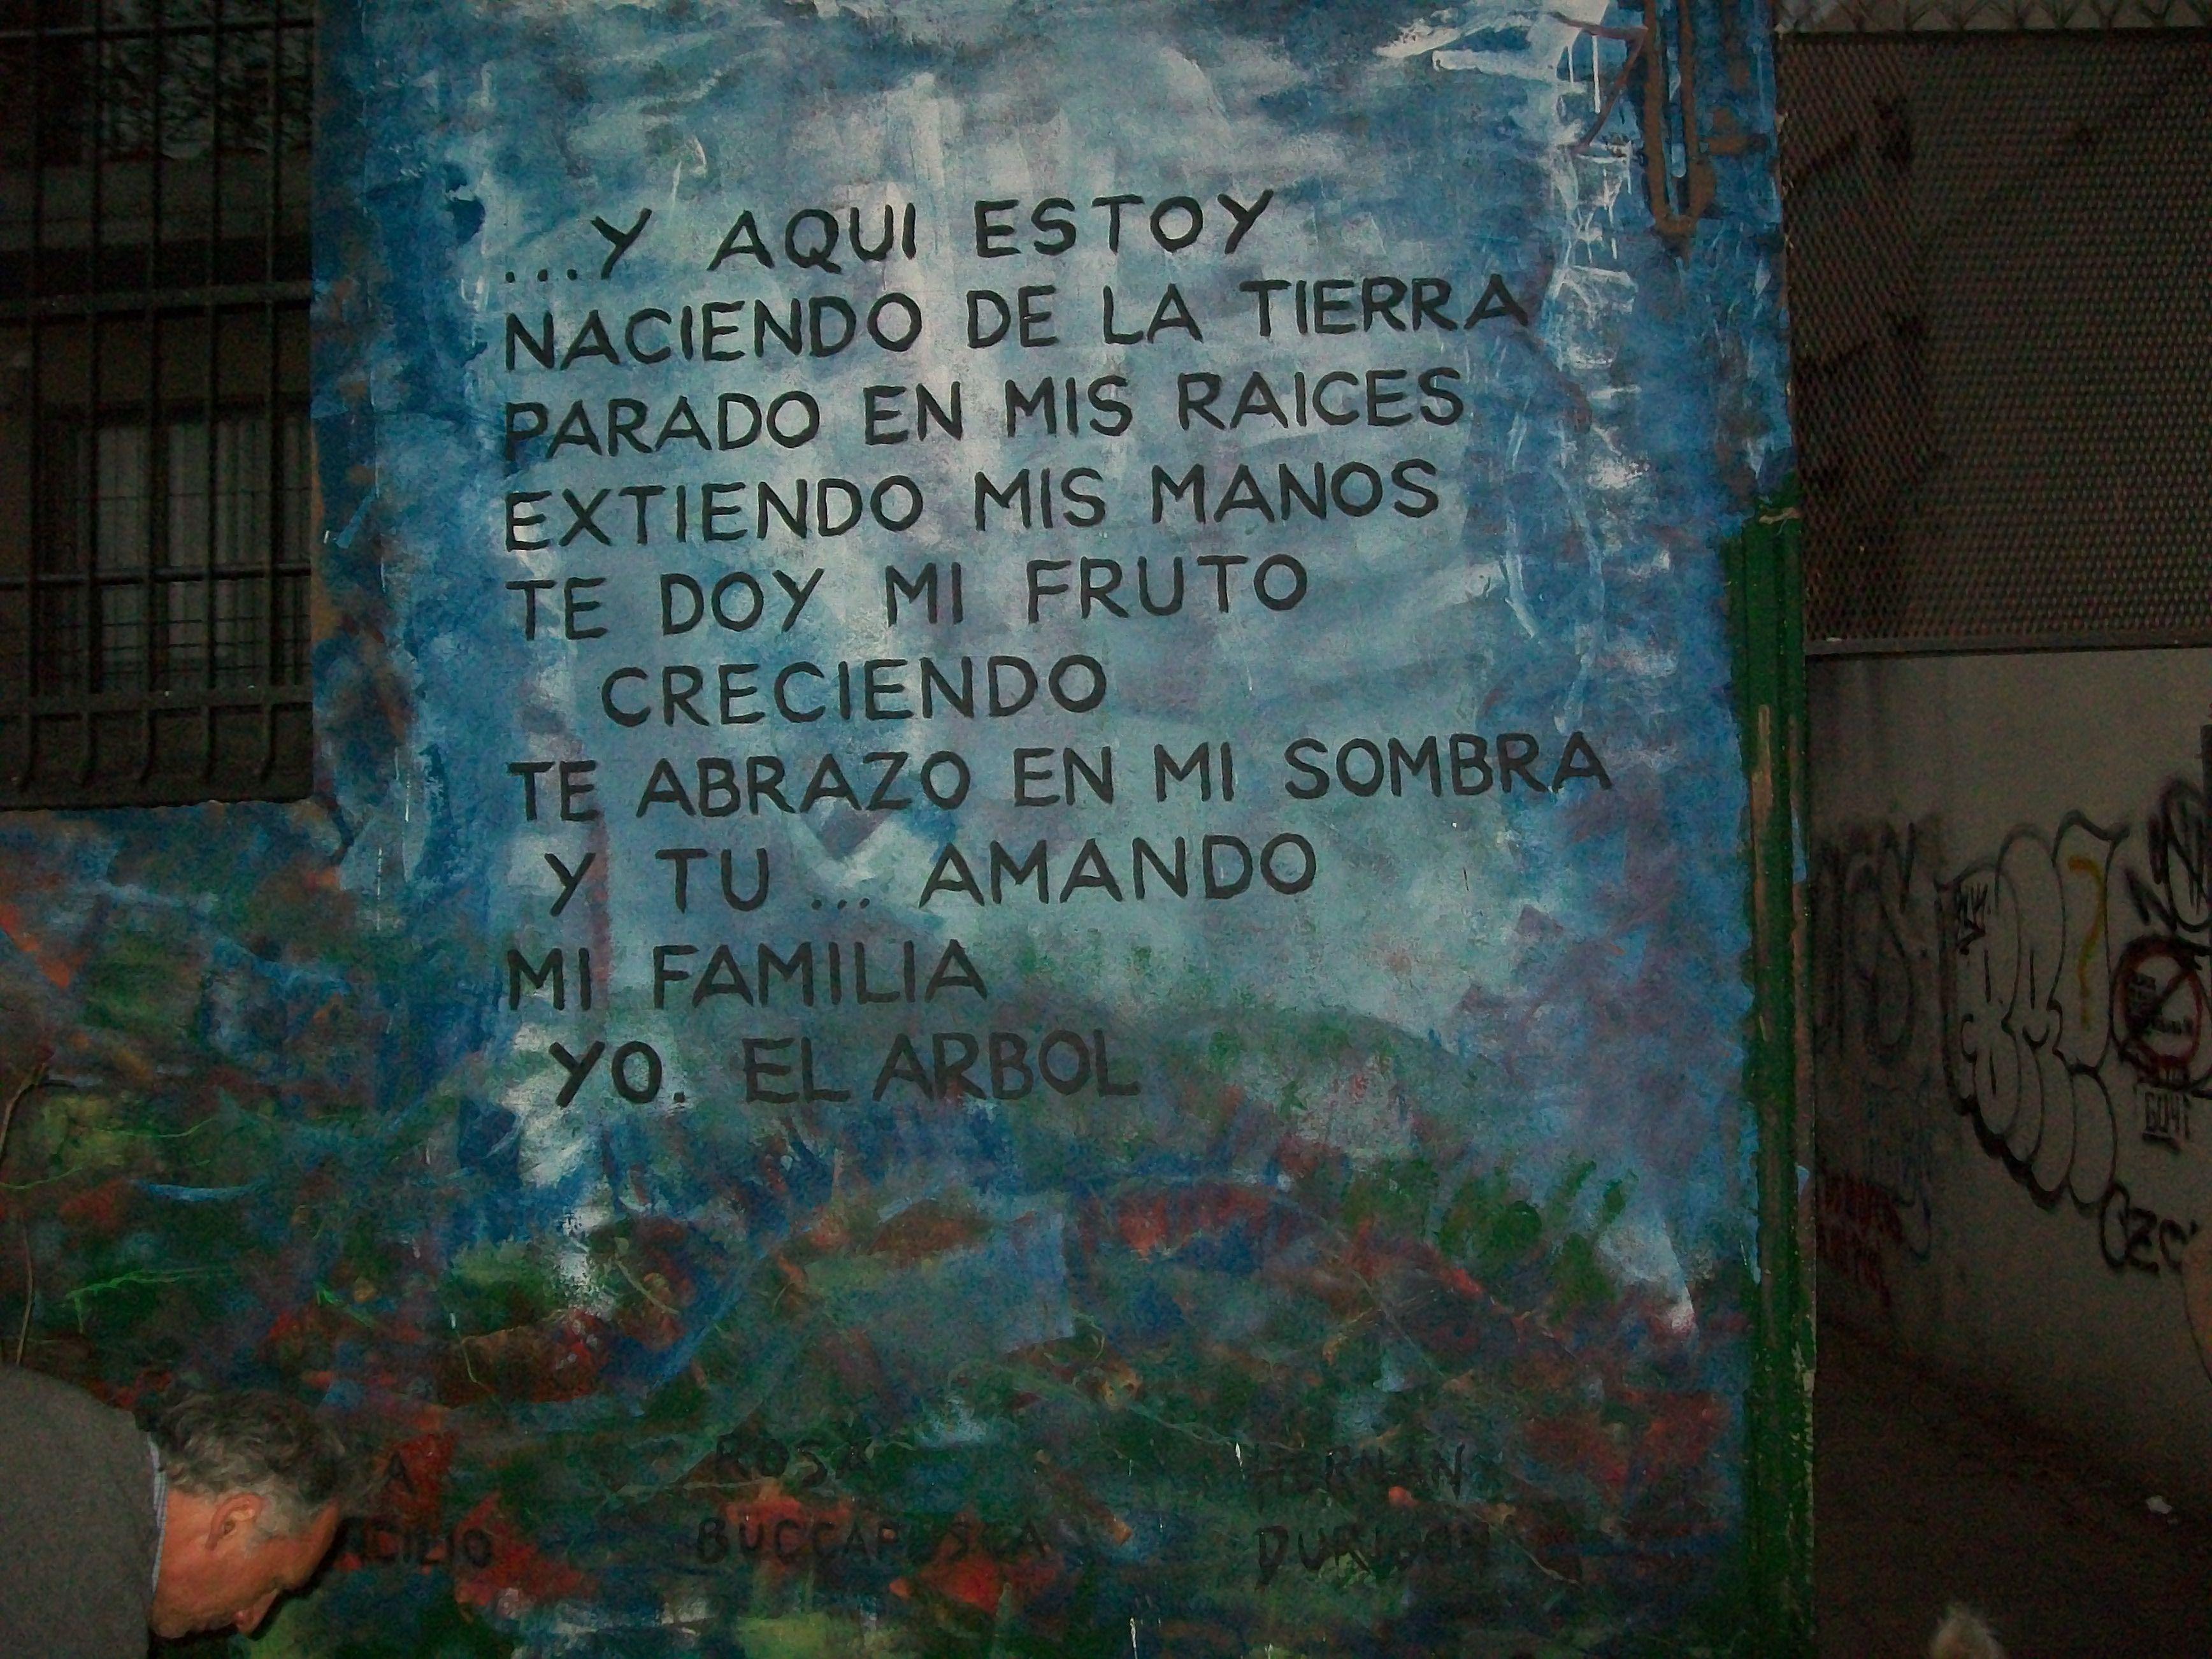 mural en estacion Nuñez, Bs As. Argentina,...Hernan Durigon.